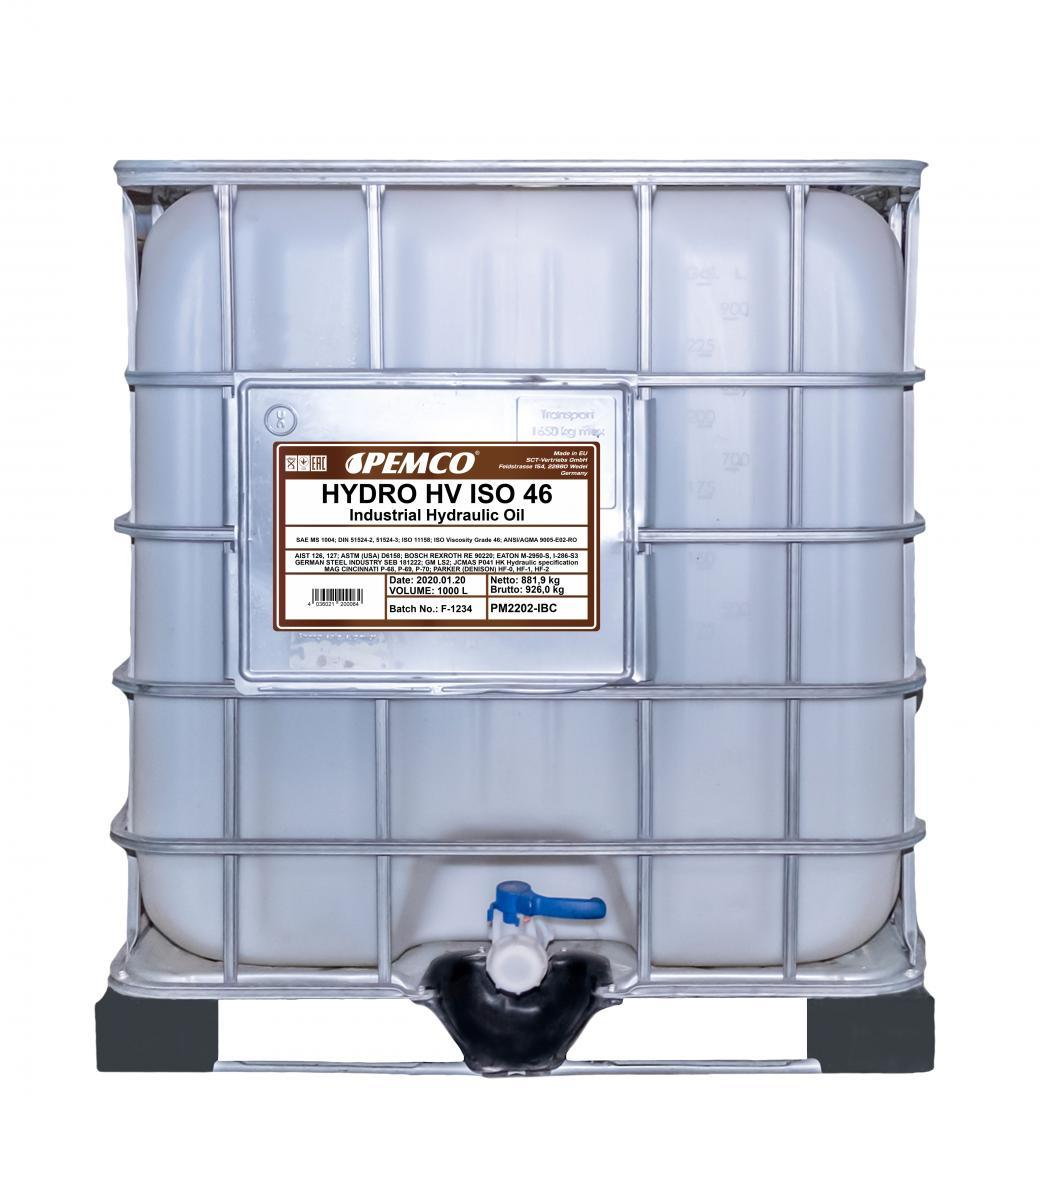 Koop PEMCO Hydraulische olie PM2202-IBC vrachtwagen